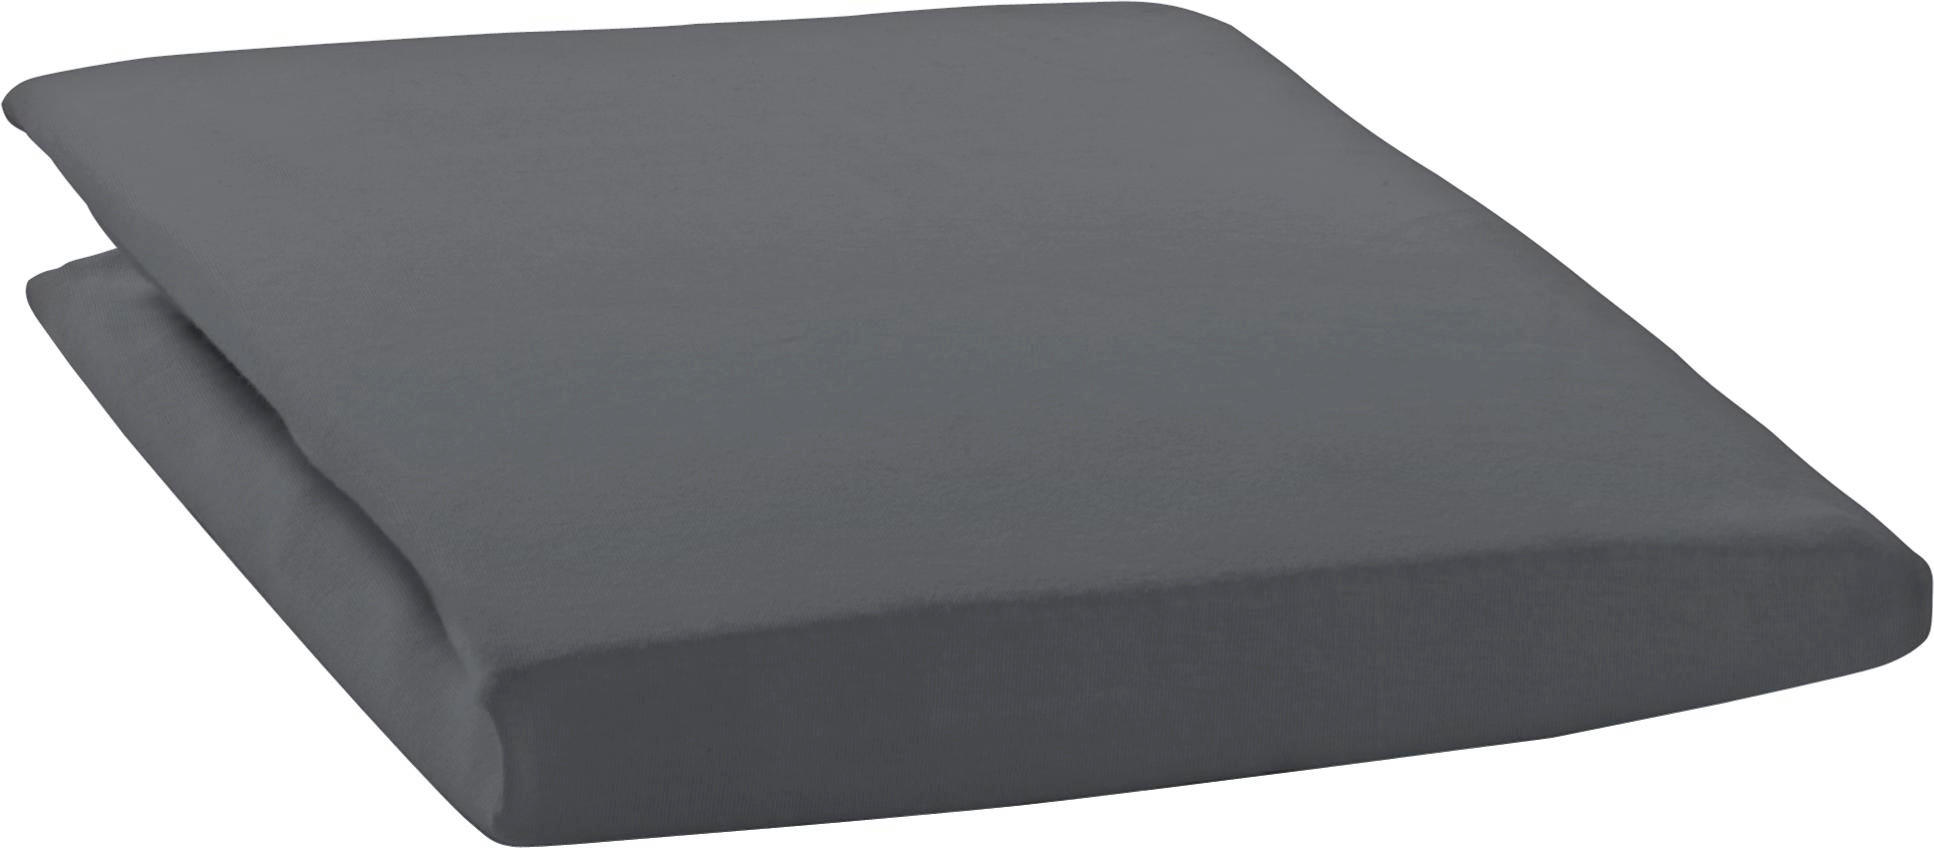 SPANNBETTTUCH Zwirn-Jersey Schieferfarben bügelfrei, für Wasserbetten geeignet - Schieferfarben, Basics, Textil (150/200cm) - ESTELLA